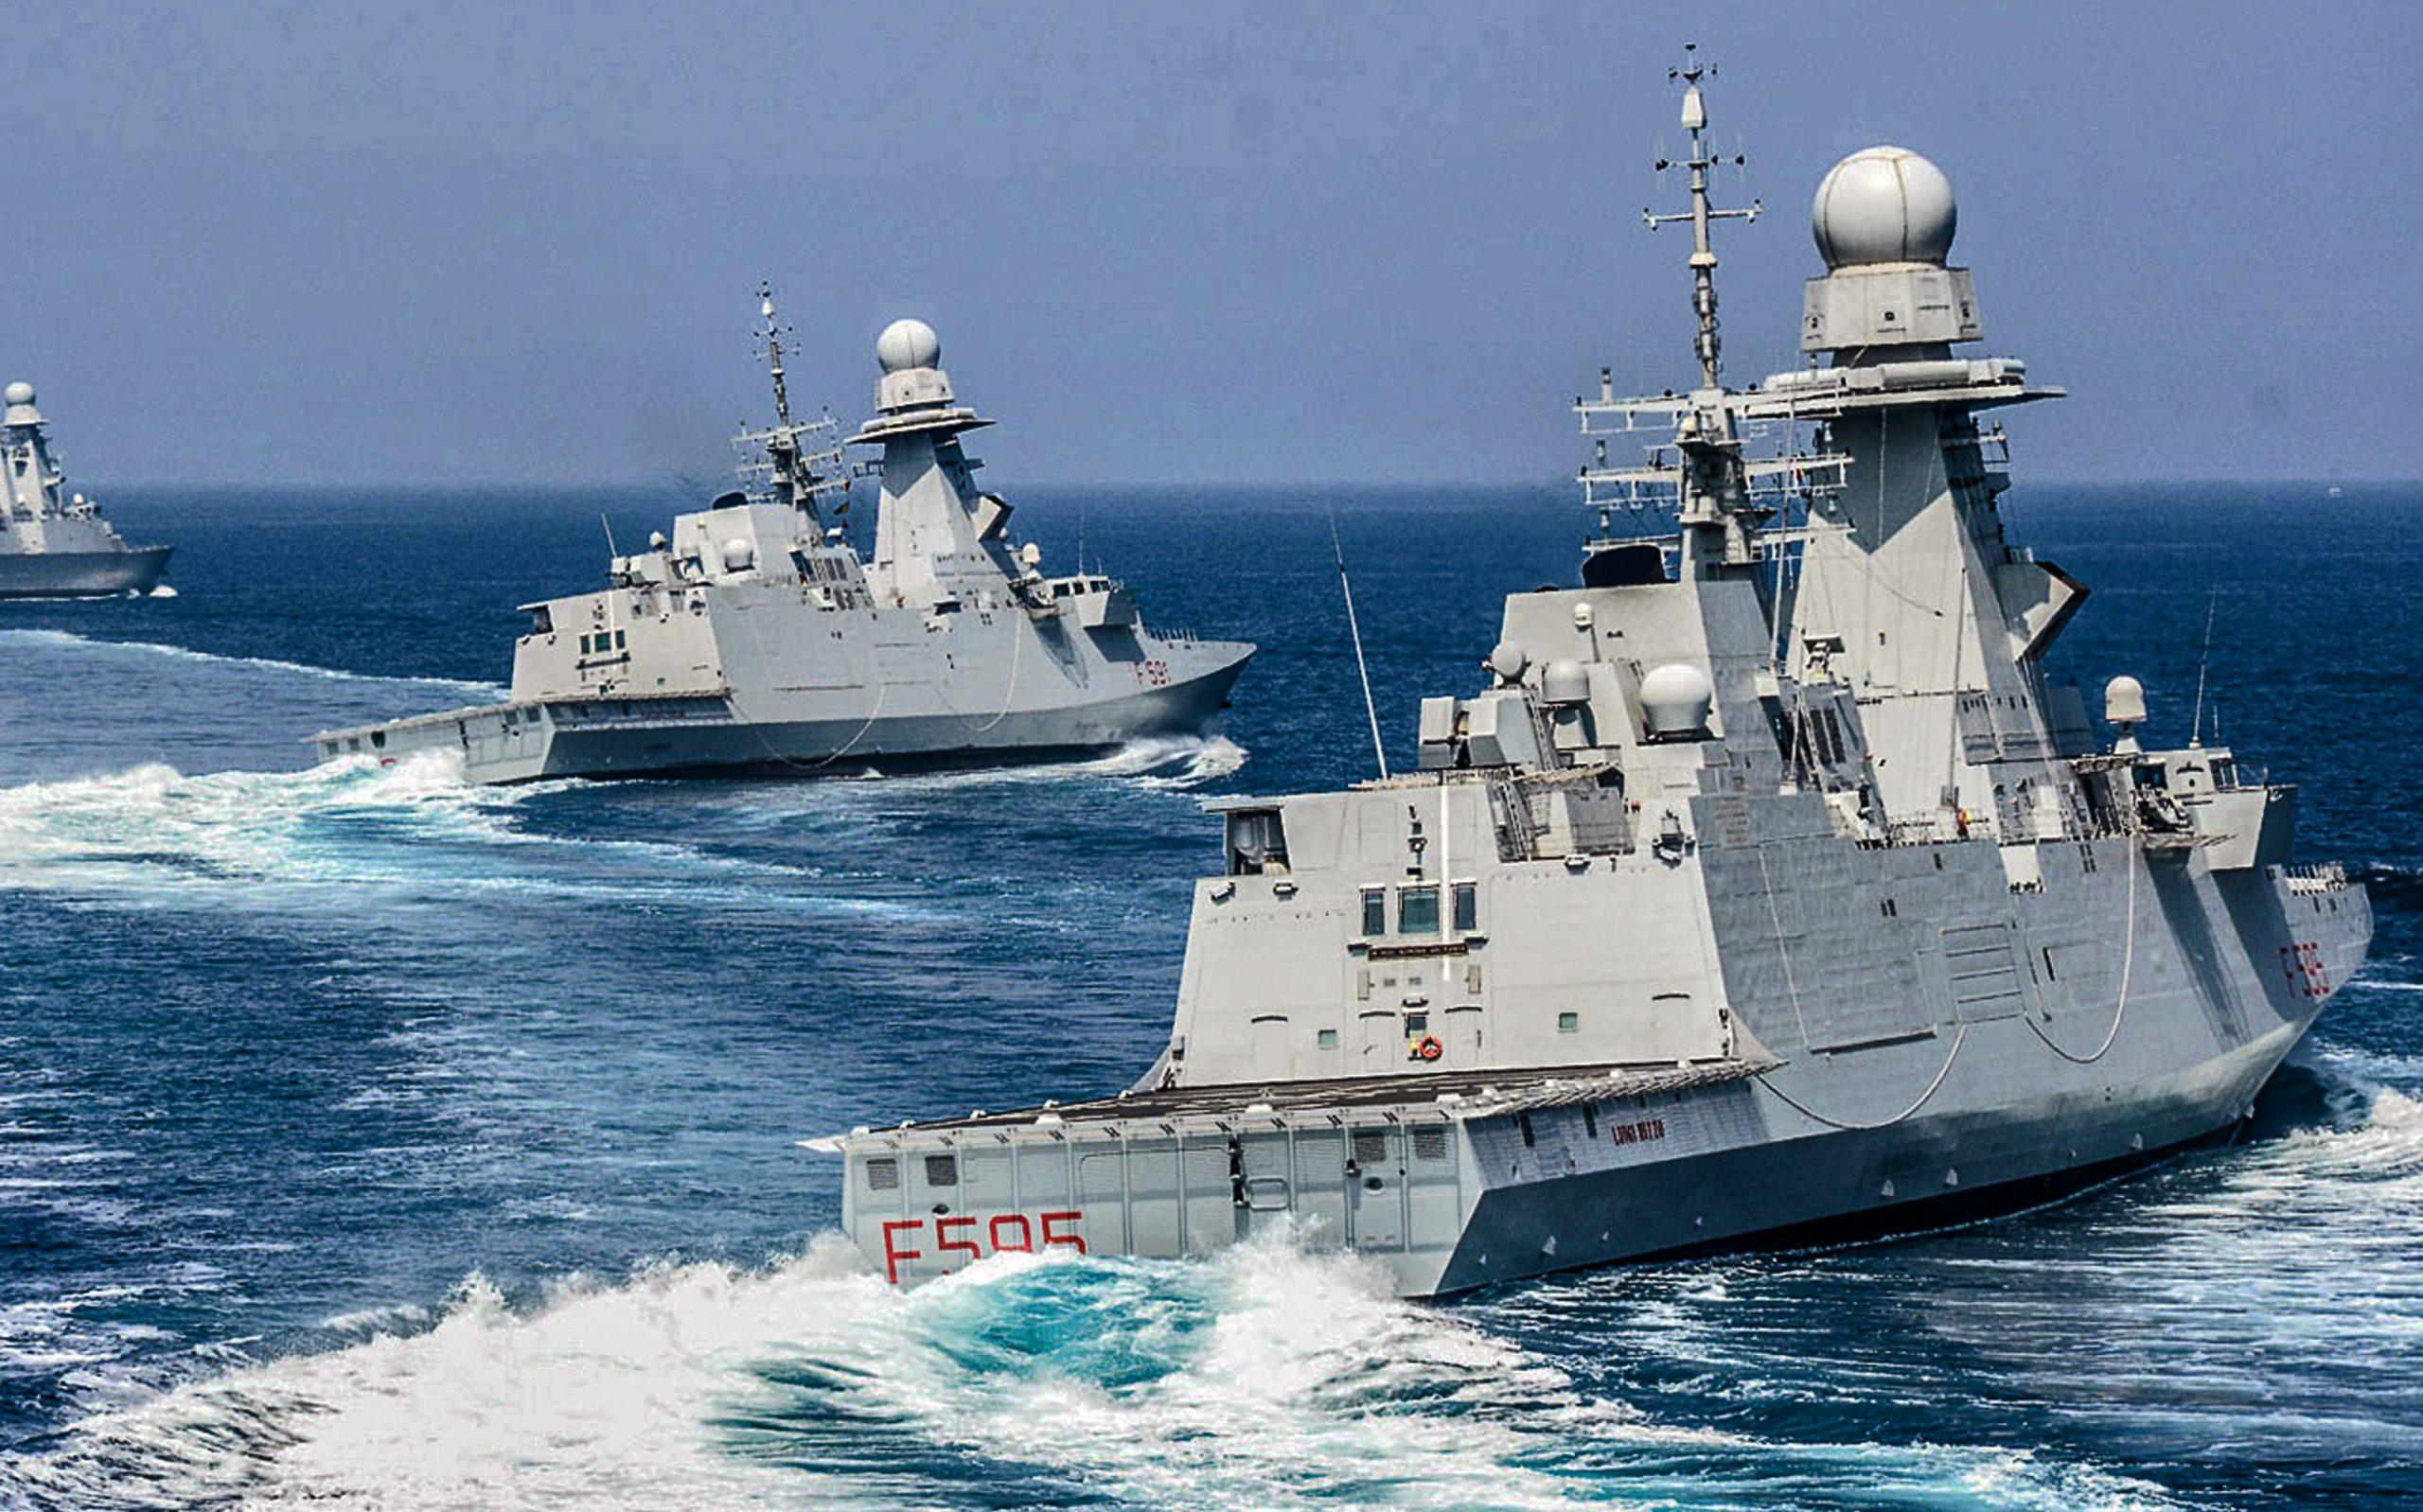 L'Australia dei sottomarini Usa contratta 9 fregate Fincantieri, poi sceglie UK. L'Oceano Pacifico è Cosa nostra